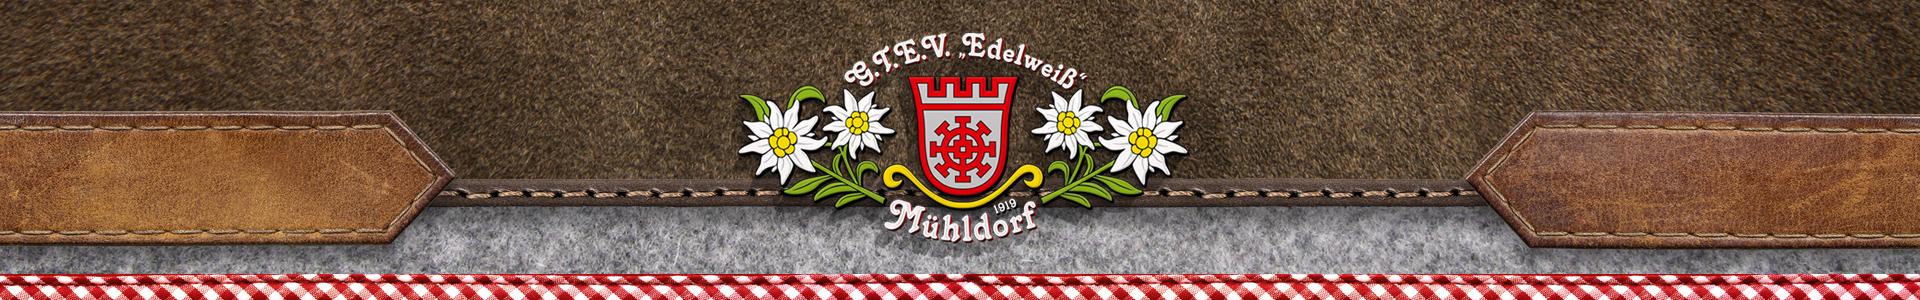 G.T.E.V. Trachtenverein Edelweiß Mühldorf